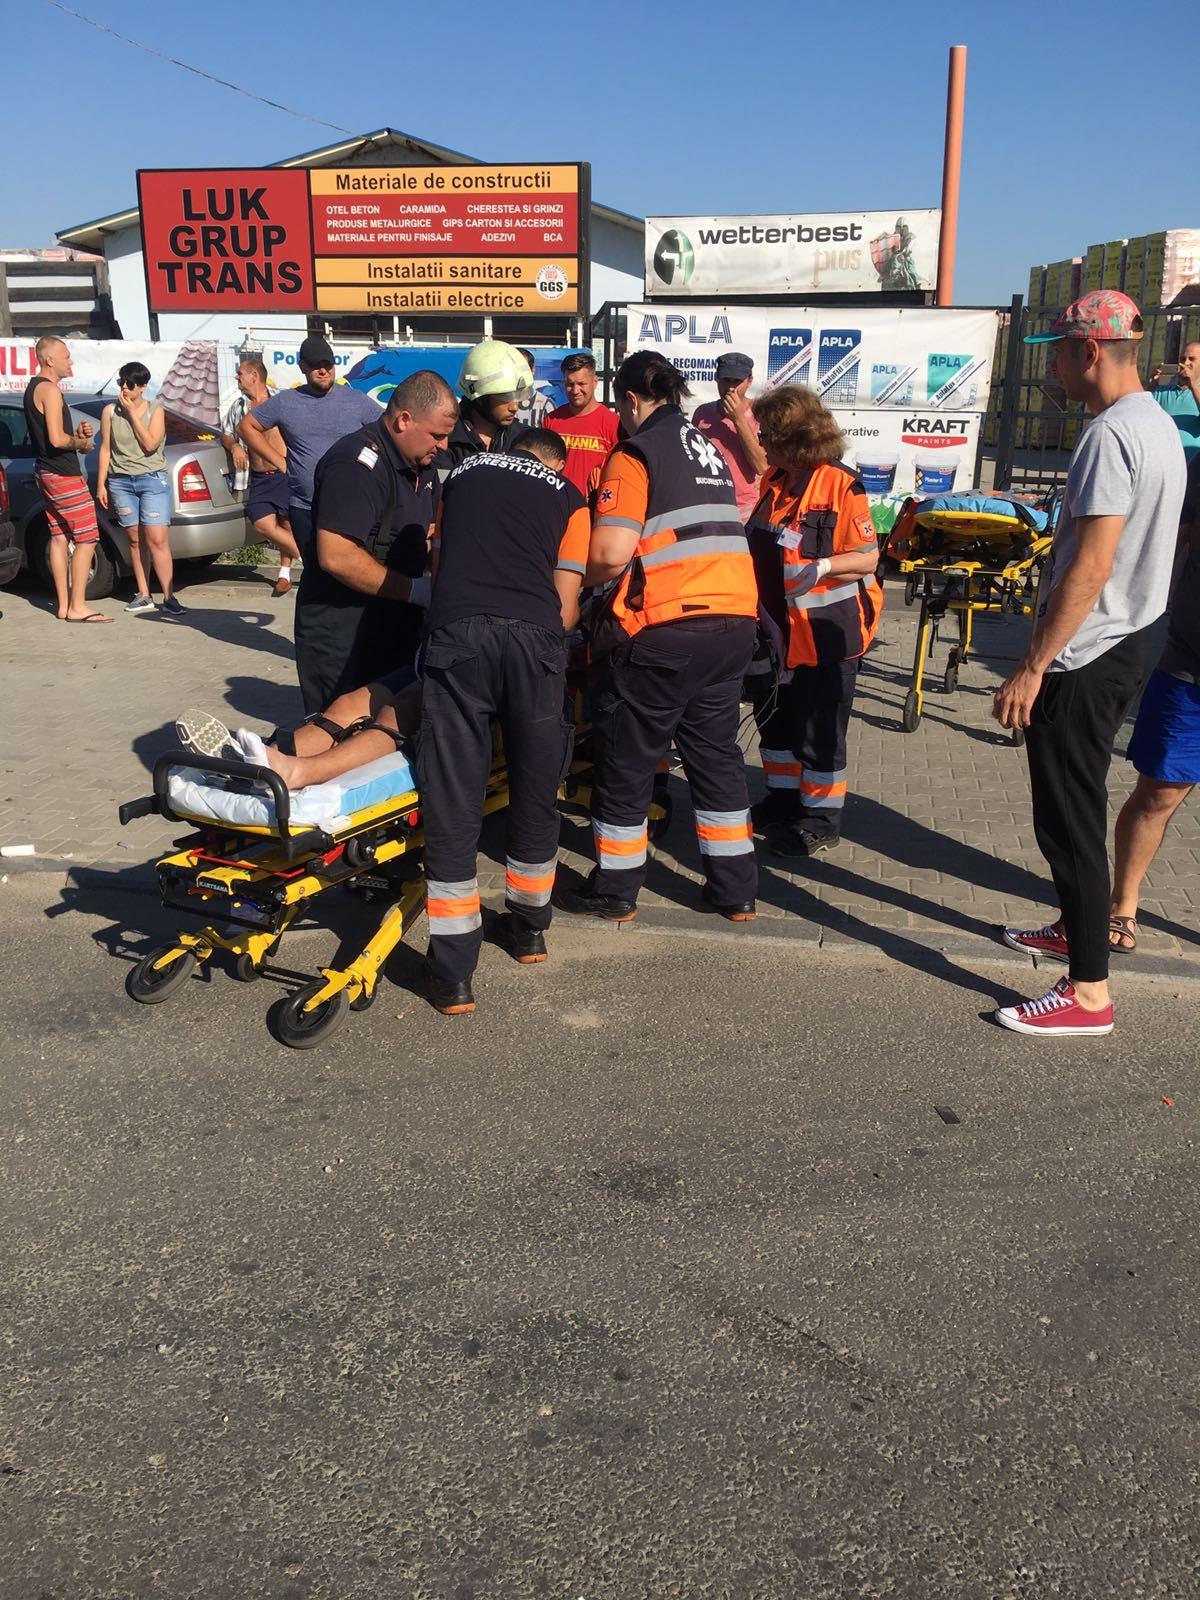 FOTO Două persoane, grav rănite, în urma unui accident în Ilfov. Traficul se desfăşoară cu dificultate